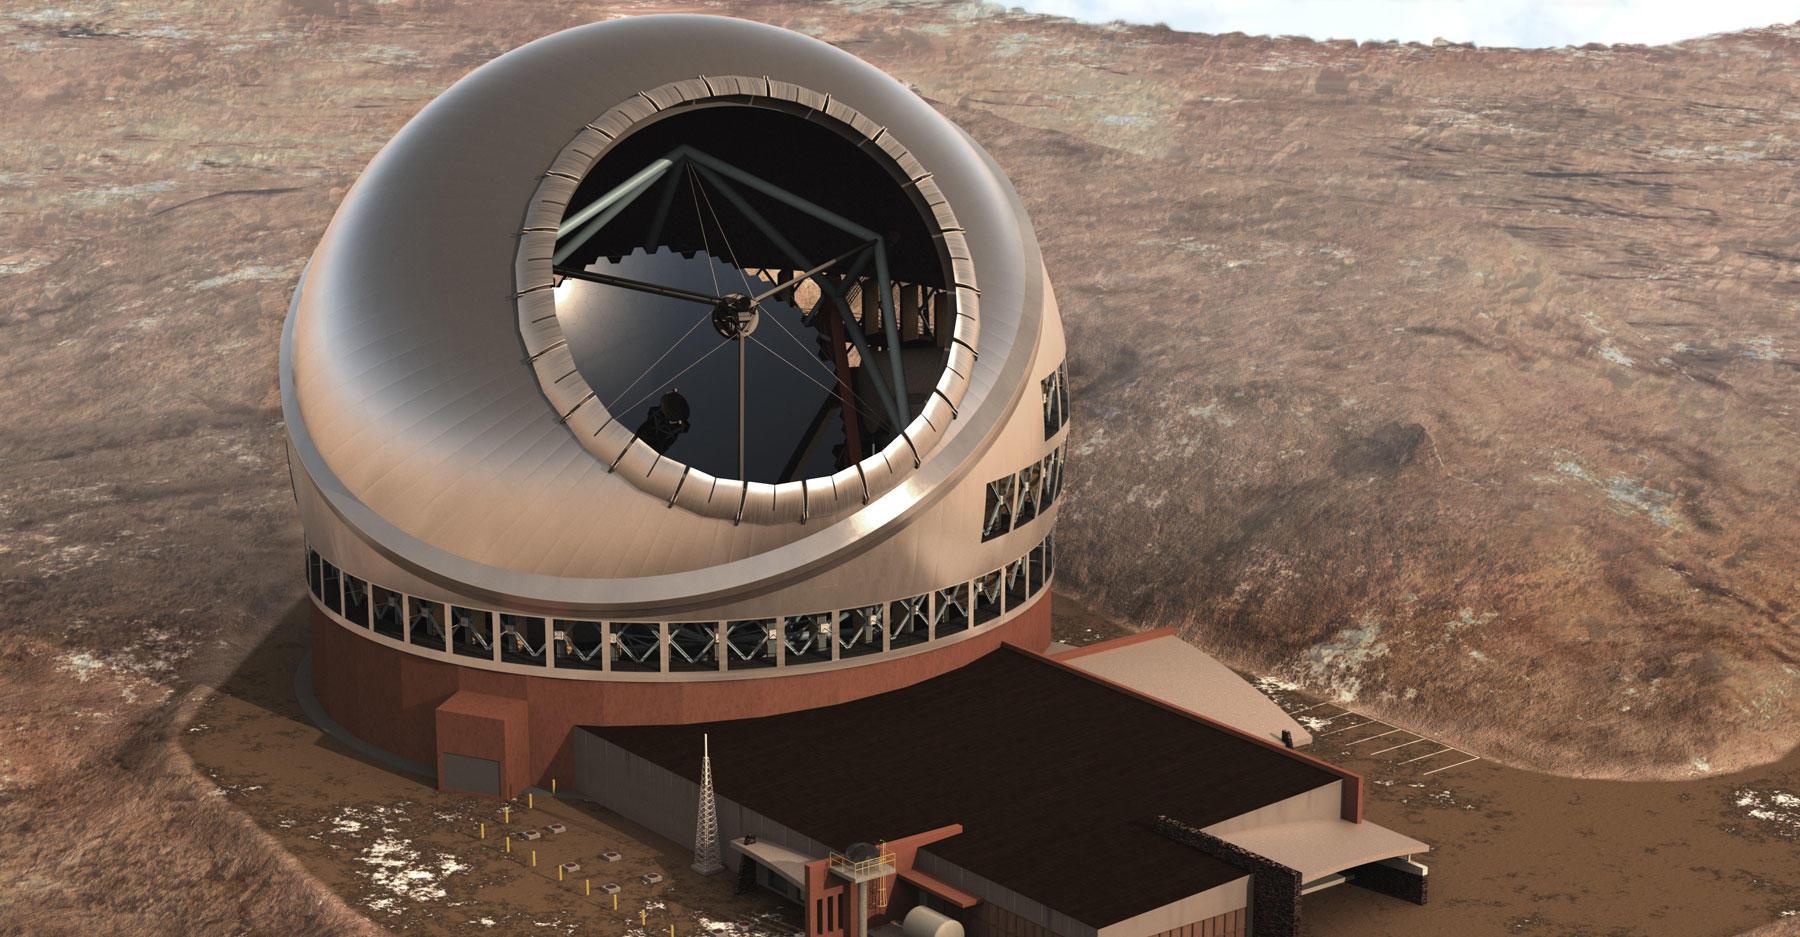 Thirty Meter Telescope rendering